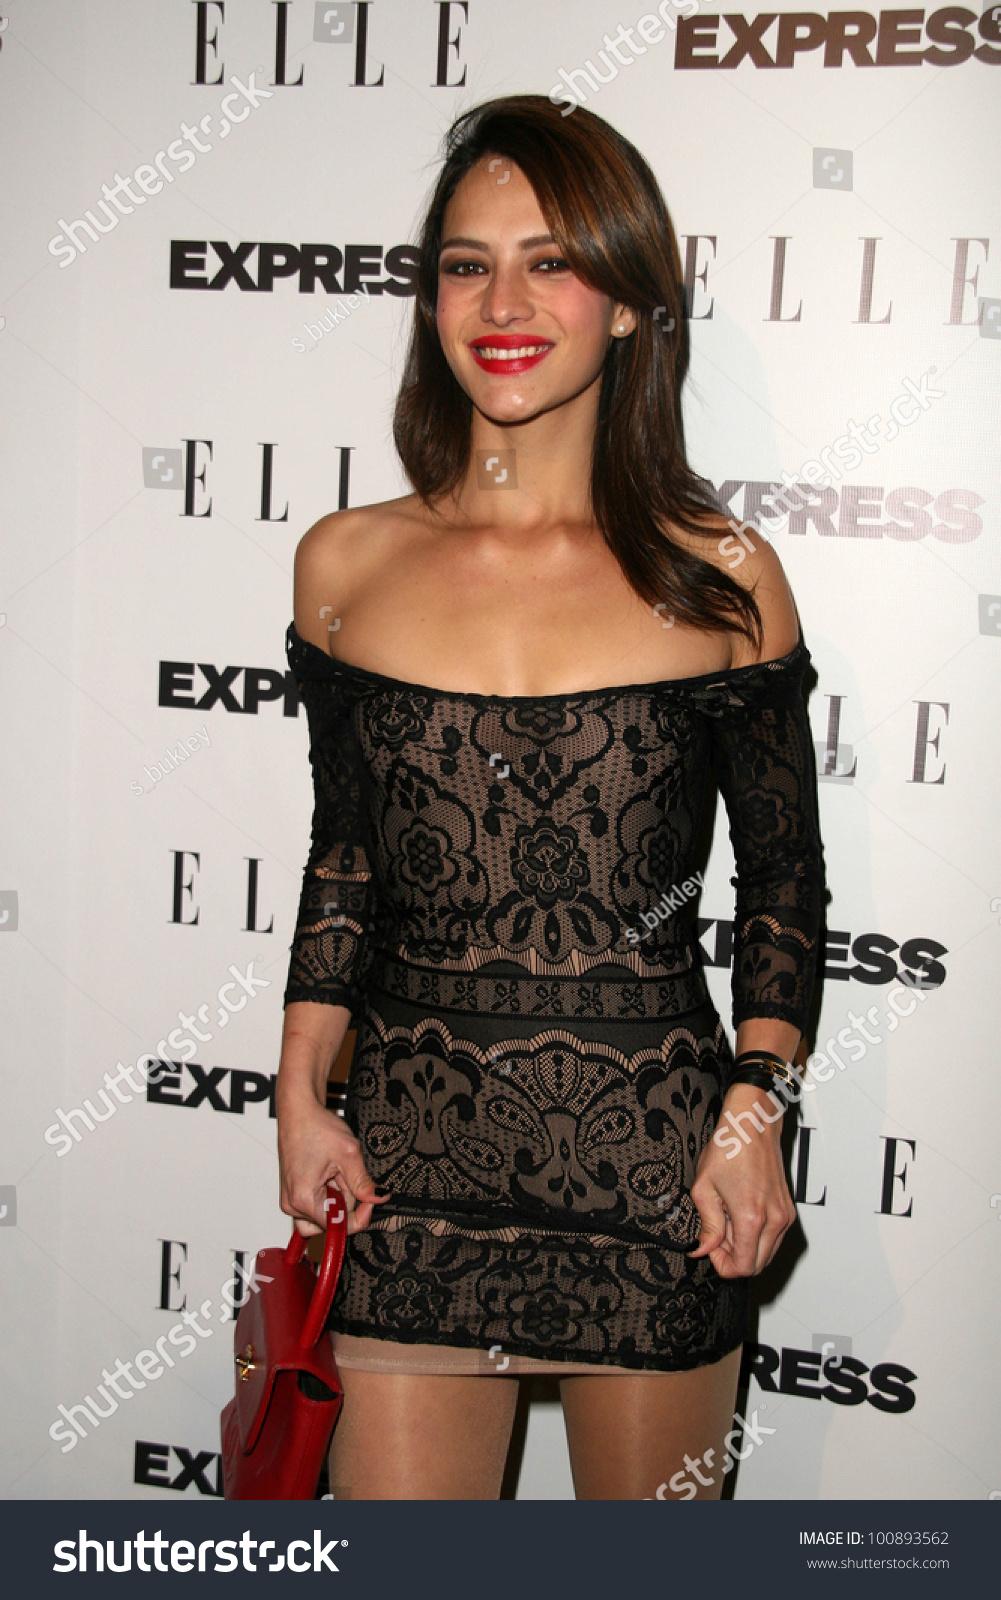 Sandra Vergara ELLE Express 25 25 Stockfoto (Jetzt bearbeiten ...